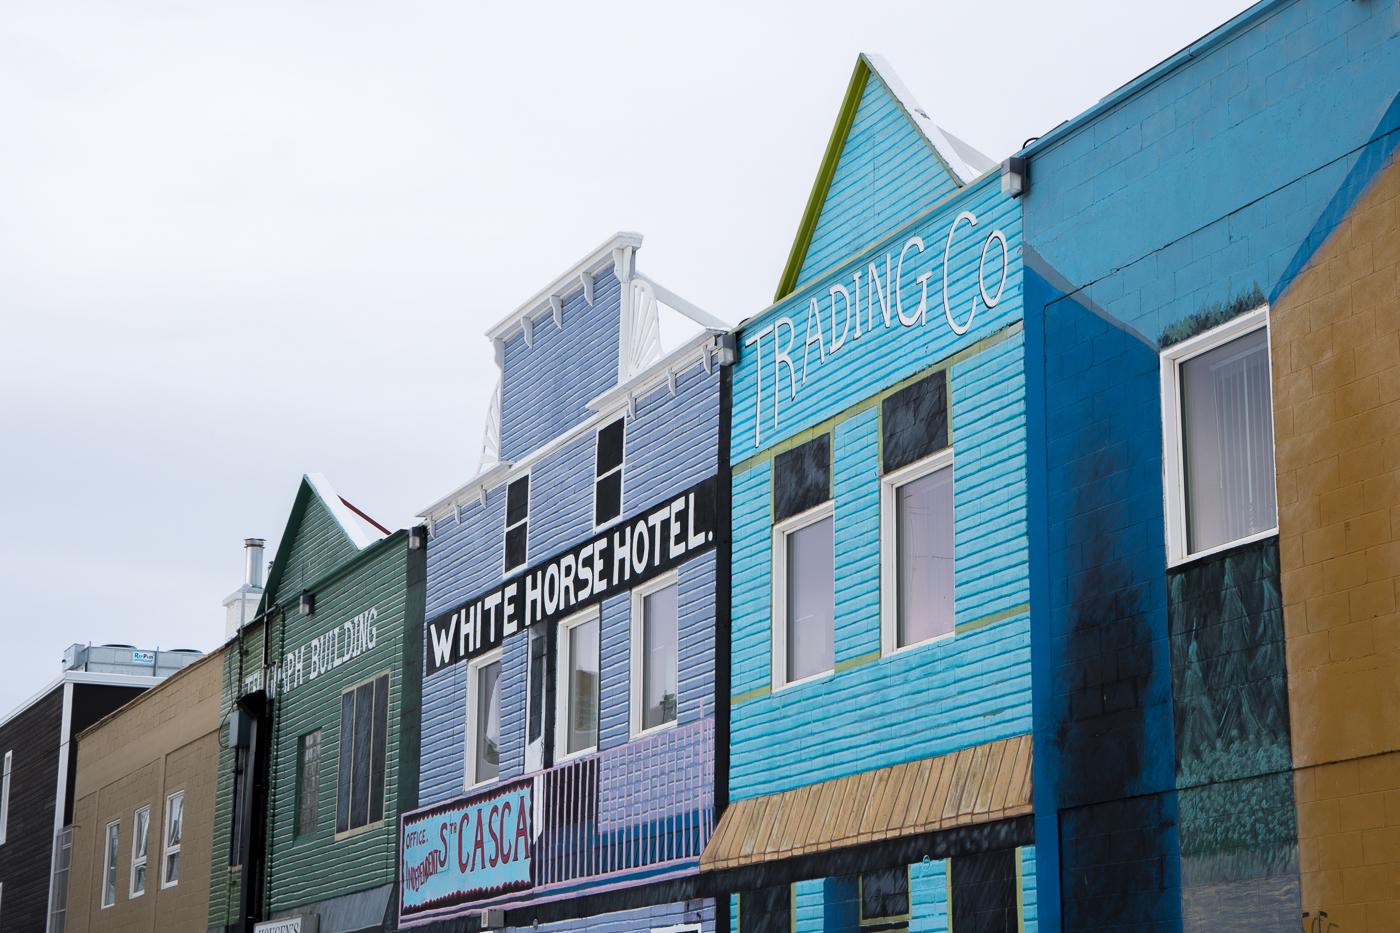 Façades des immeubles colorées boomtown Whitehorse